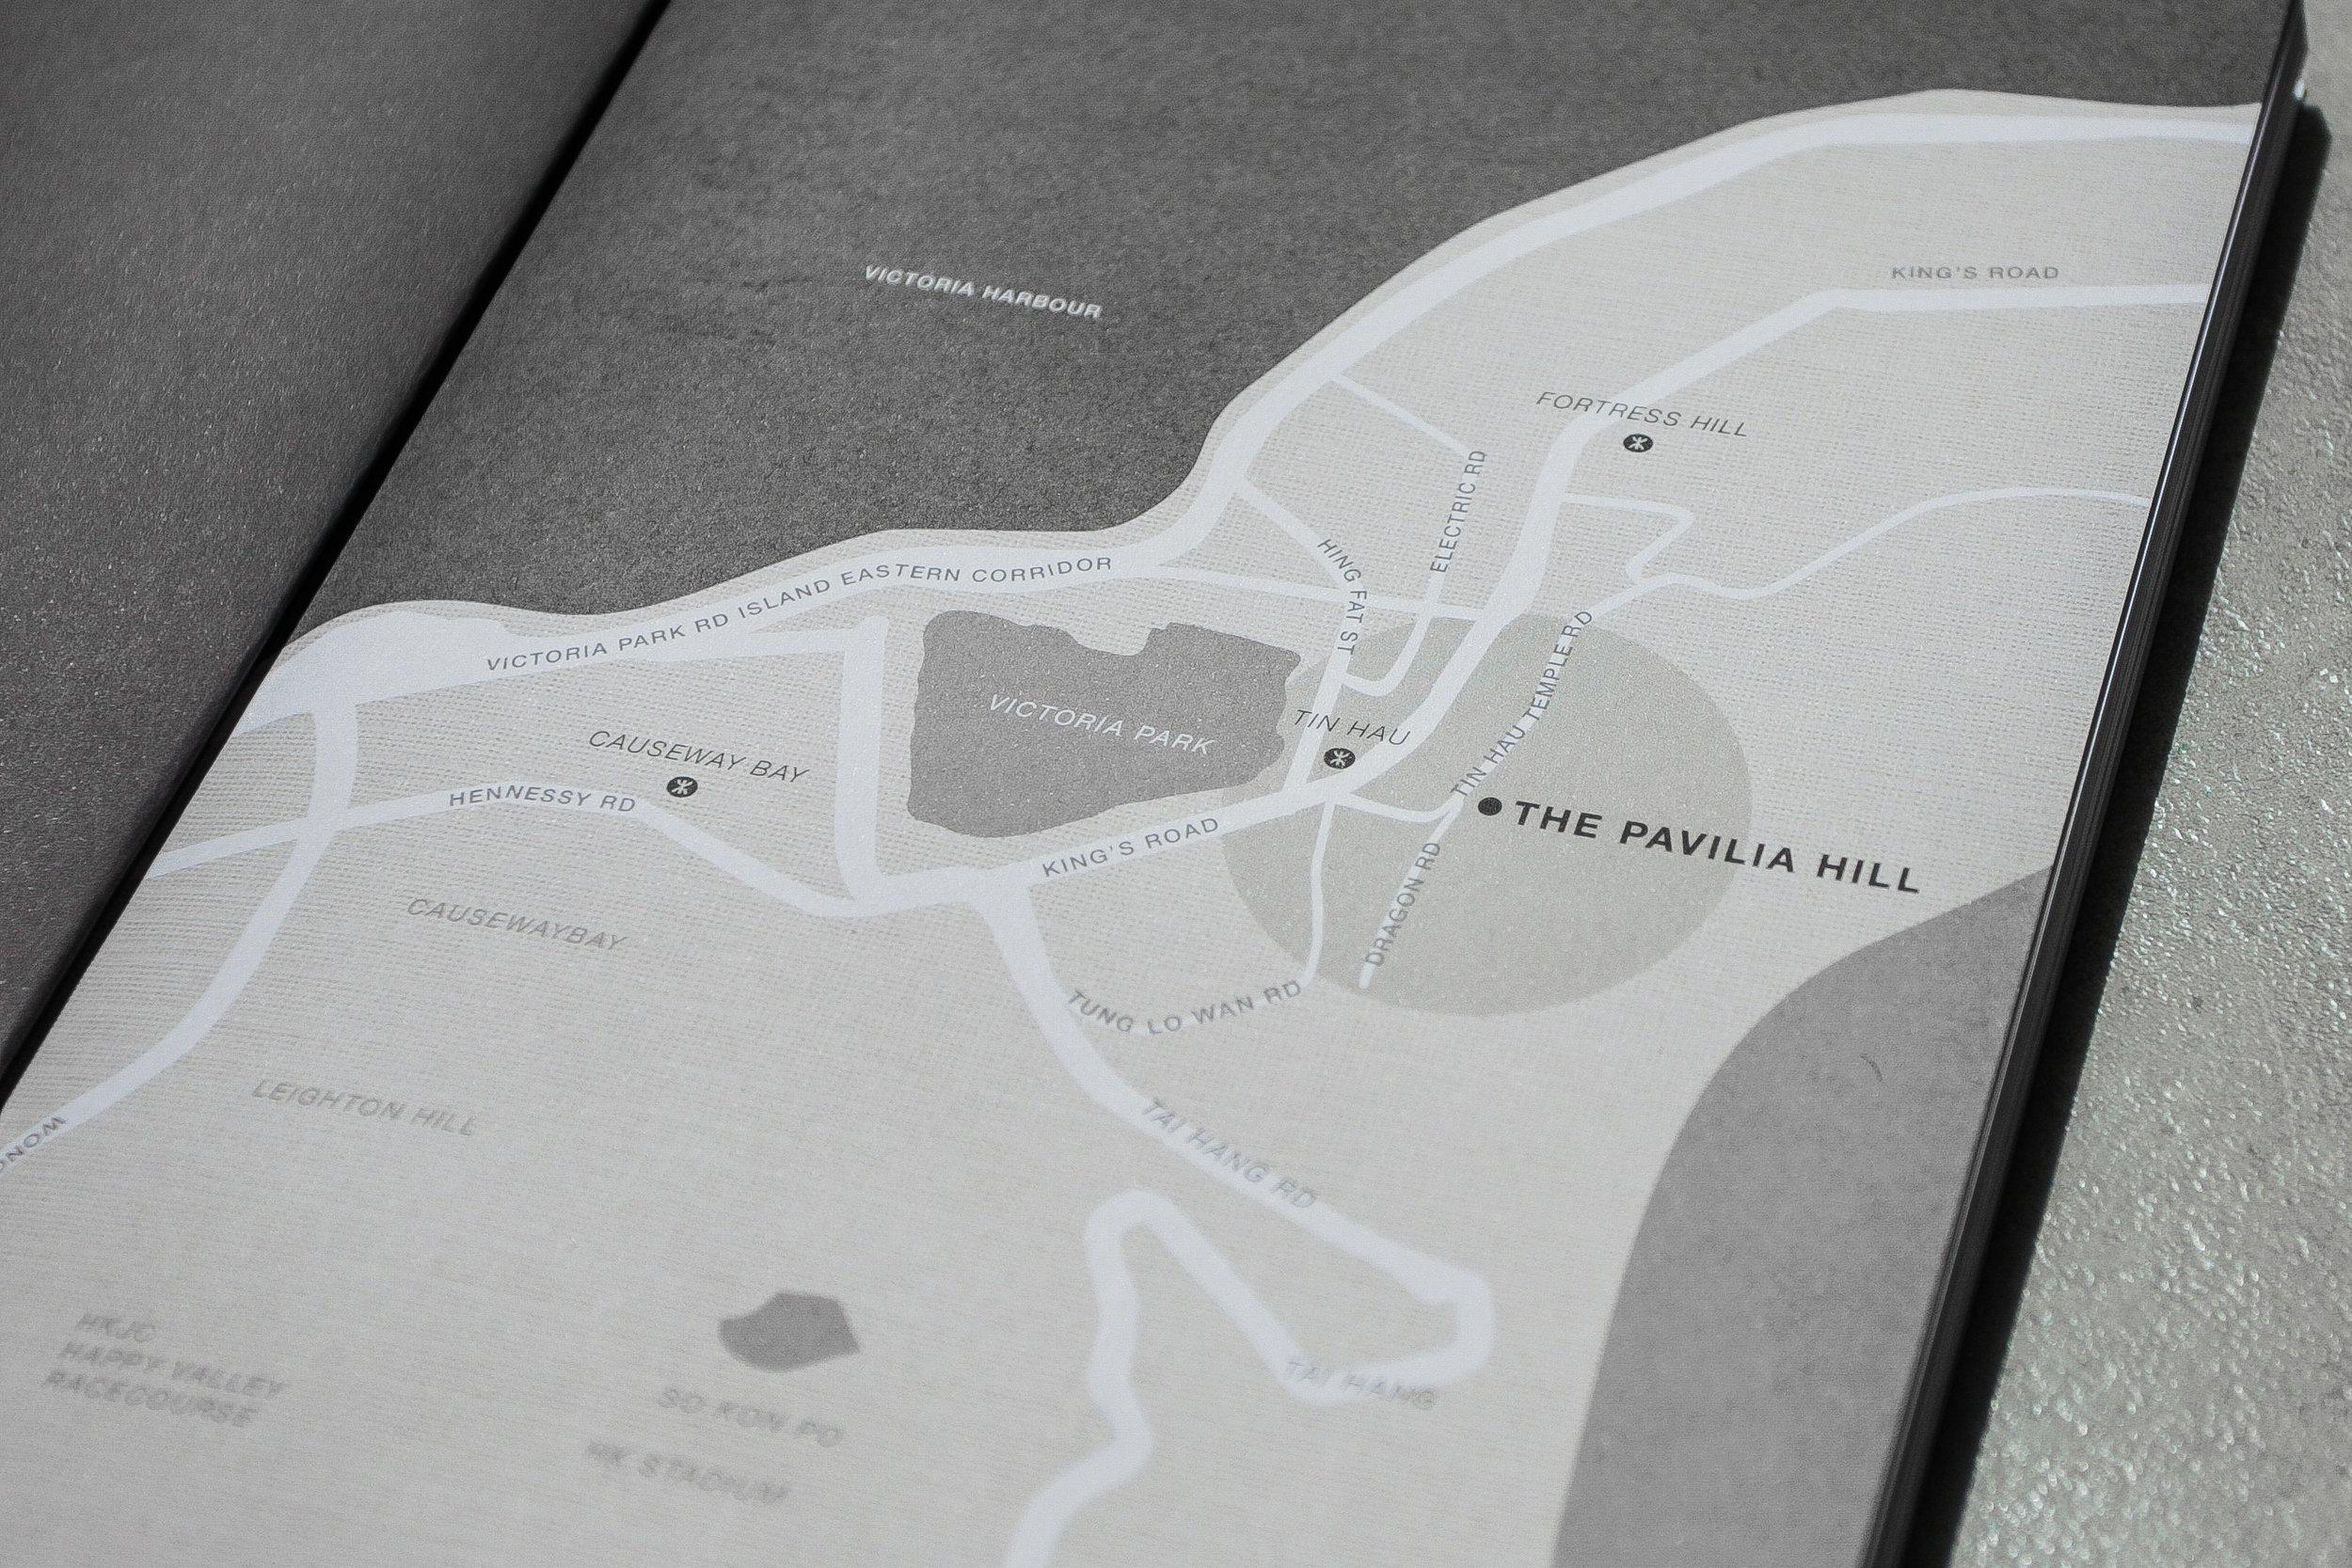 nwd_artisanal movement booklet_002.jpg